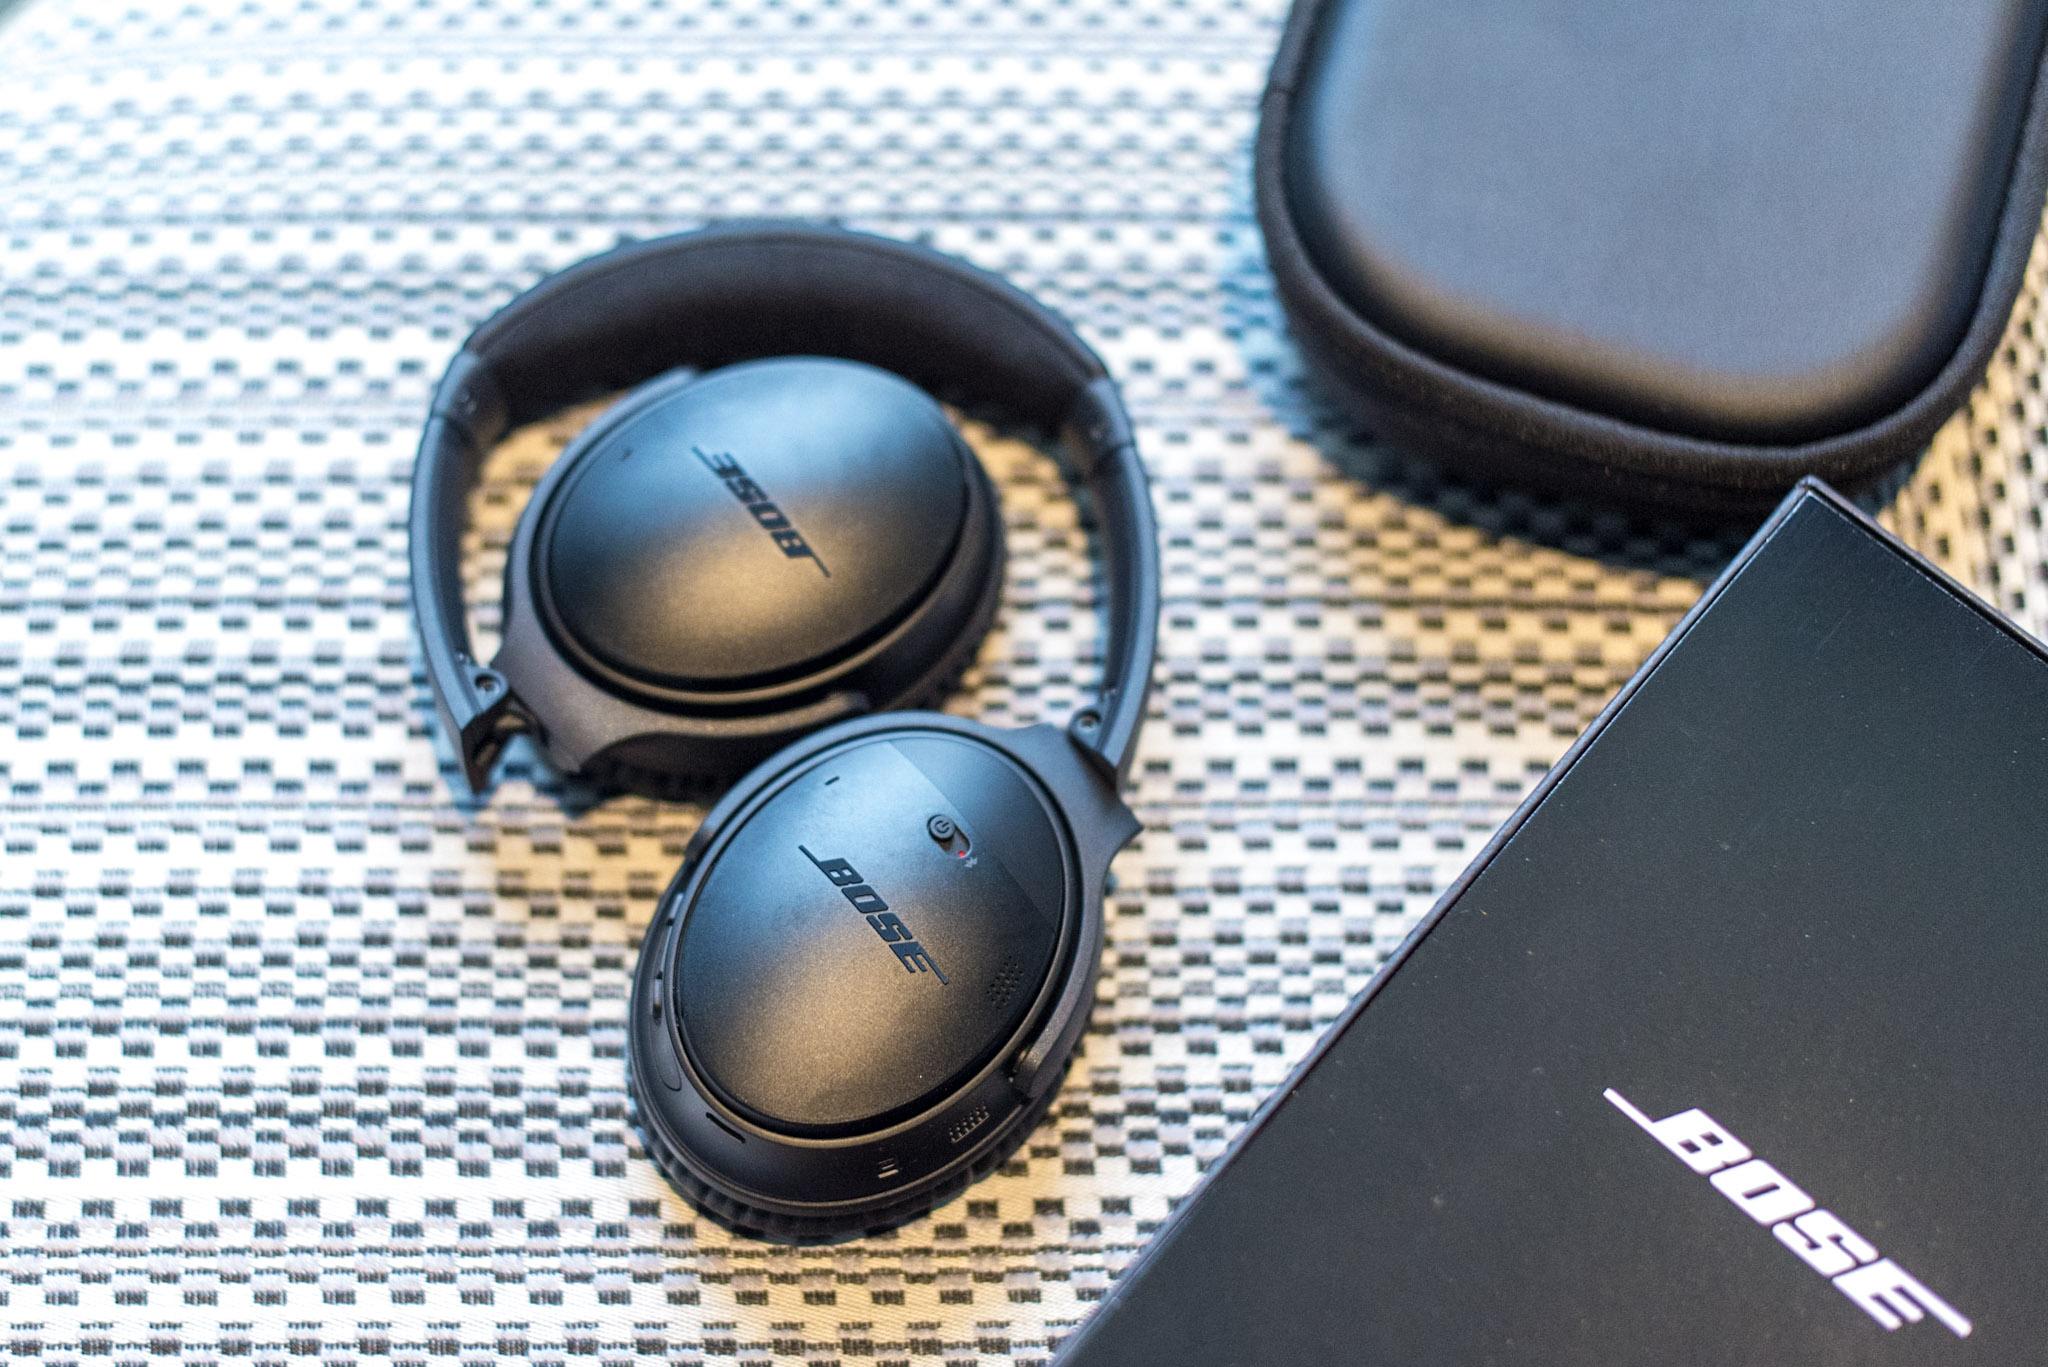 Bose QuietComfort 35 Wireless Headphones (Series II)